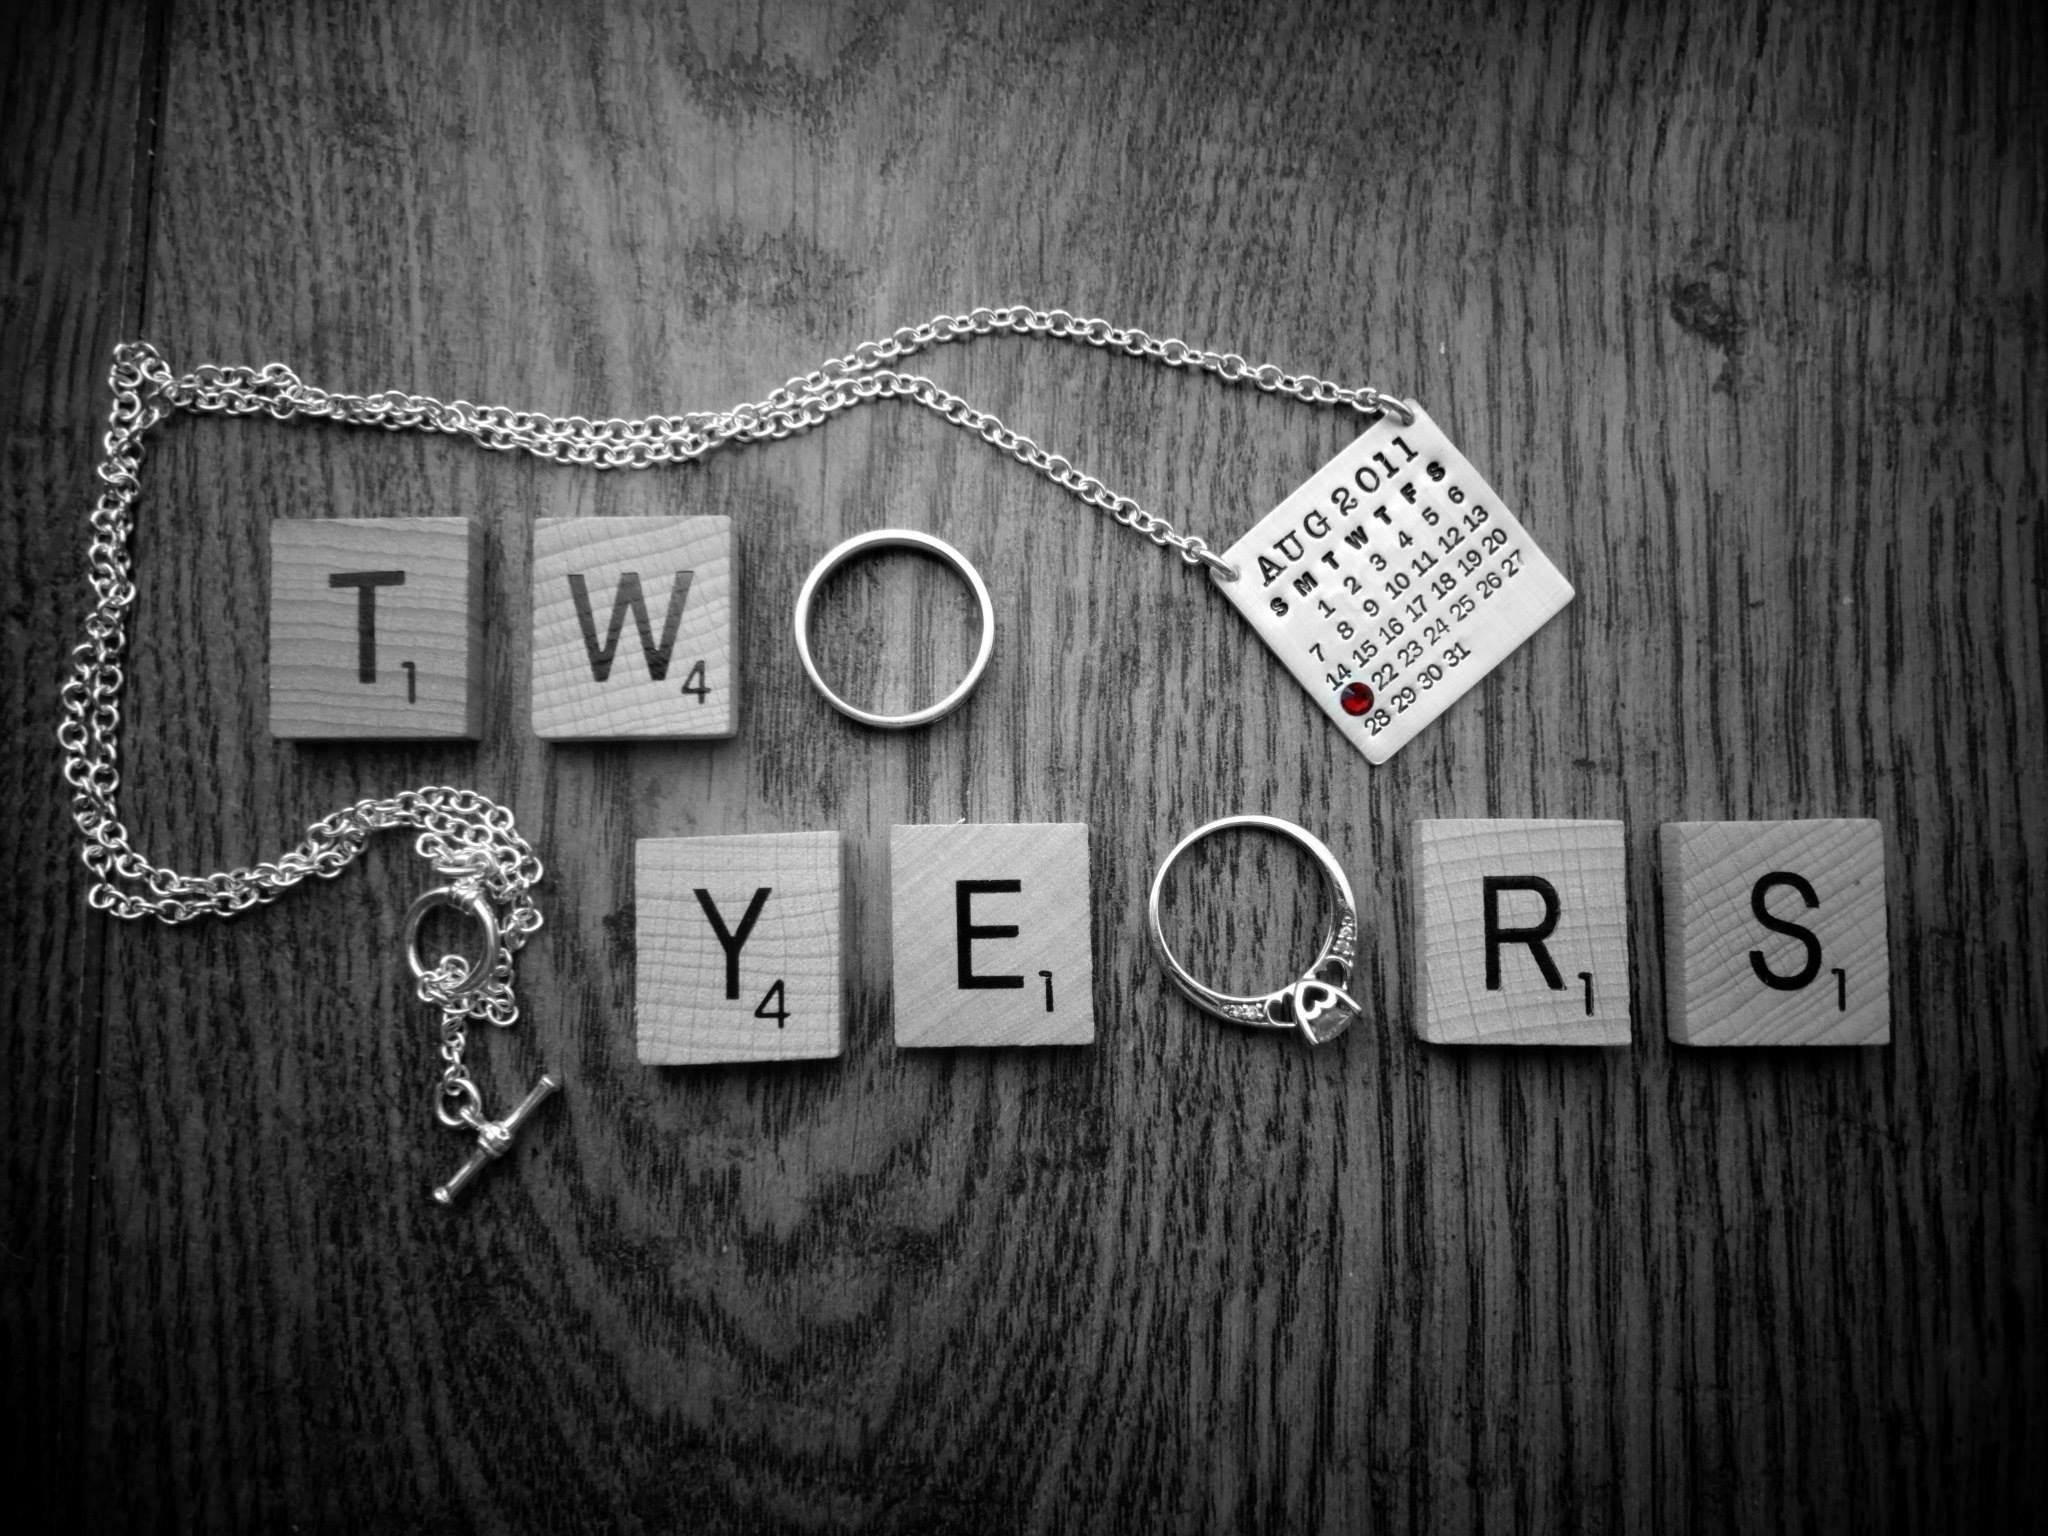 2 years - second wedding anniversary 11/11/12 | 2nd anniversary